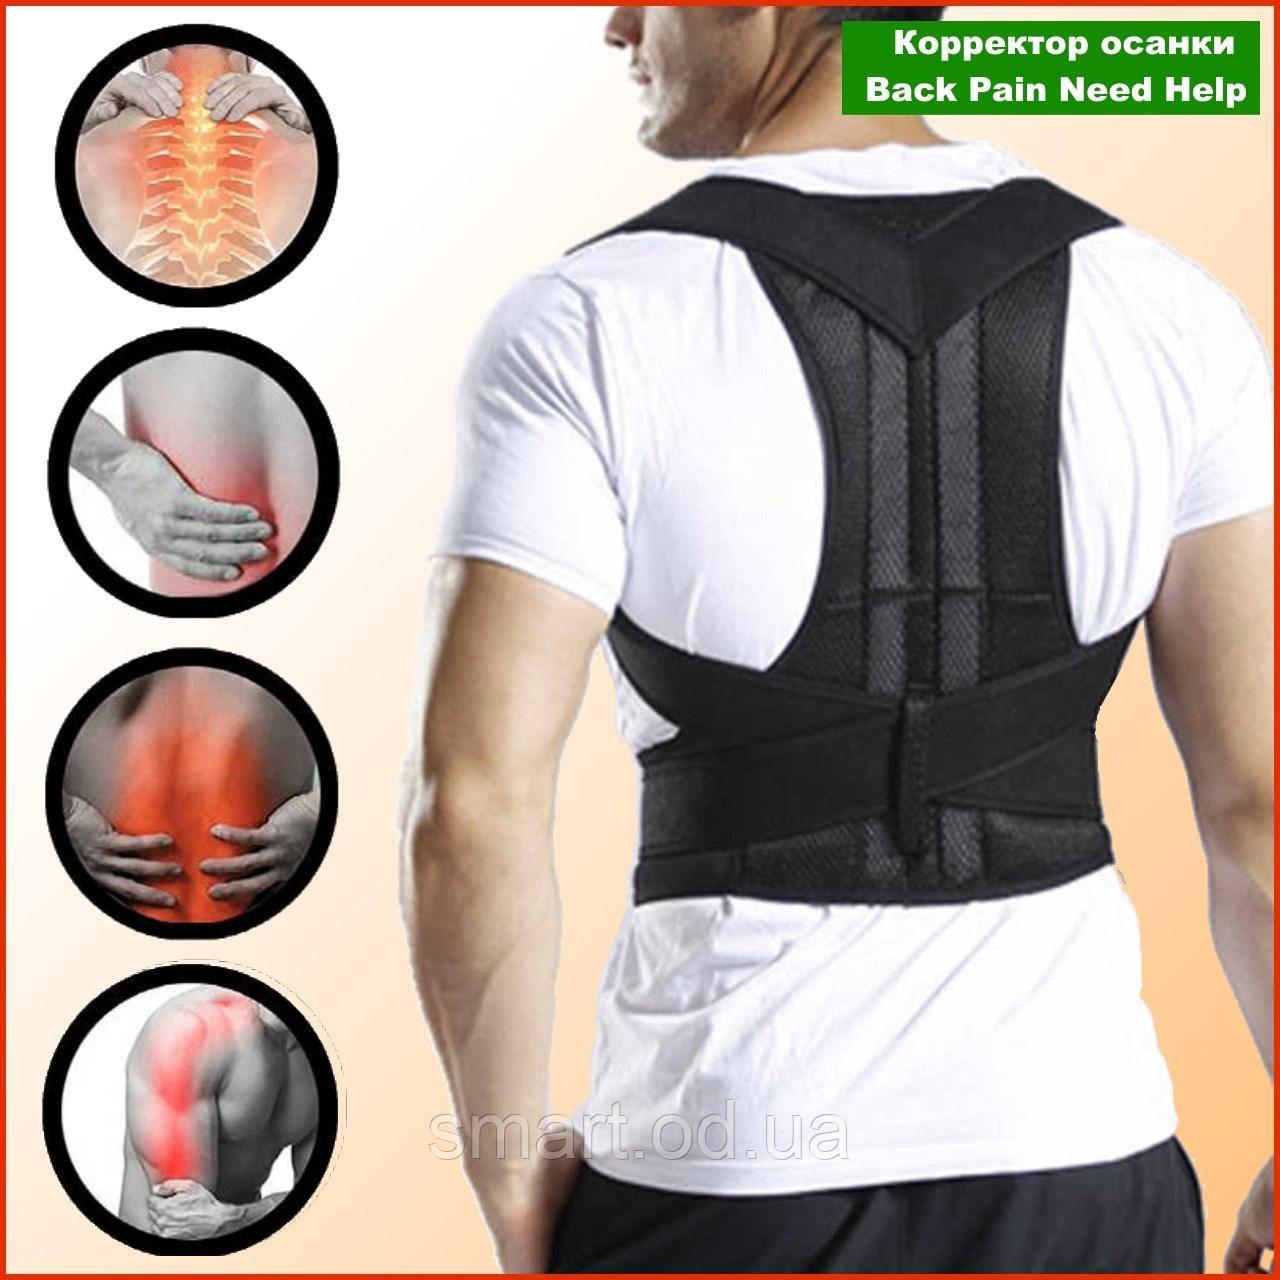 Корректор осанки Back Pain Need Help медицинский бандаж фиксатор пояс для спины выпрямитель позвоночник Relief